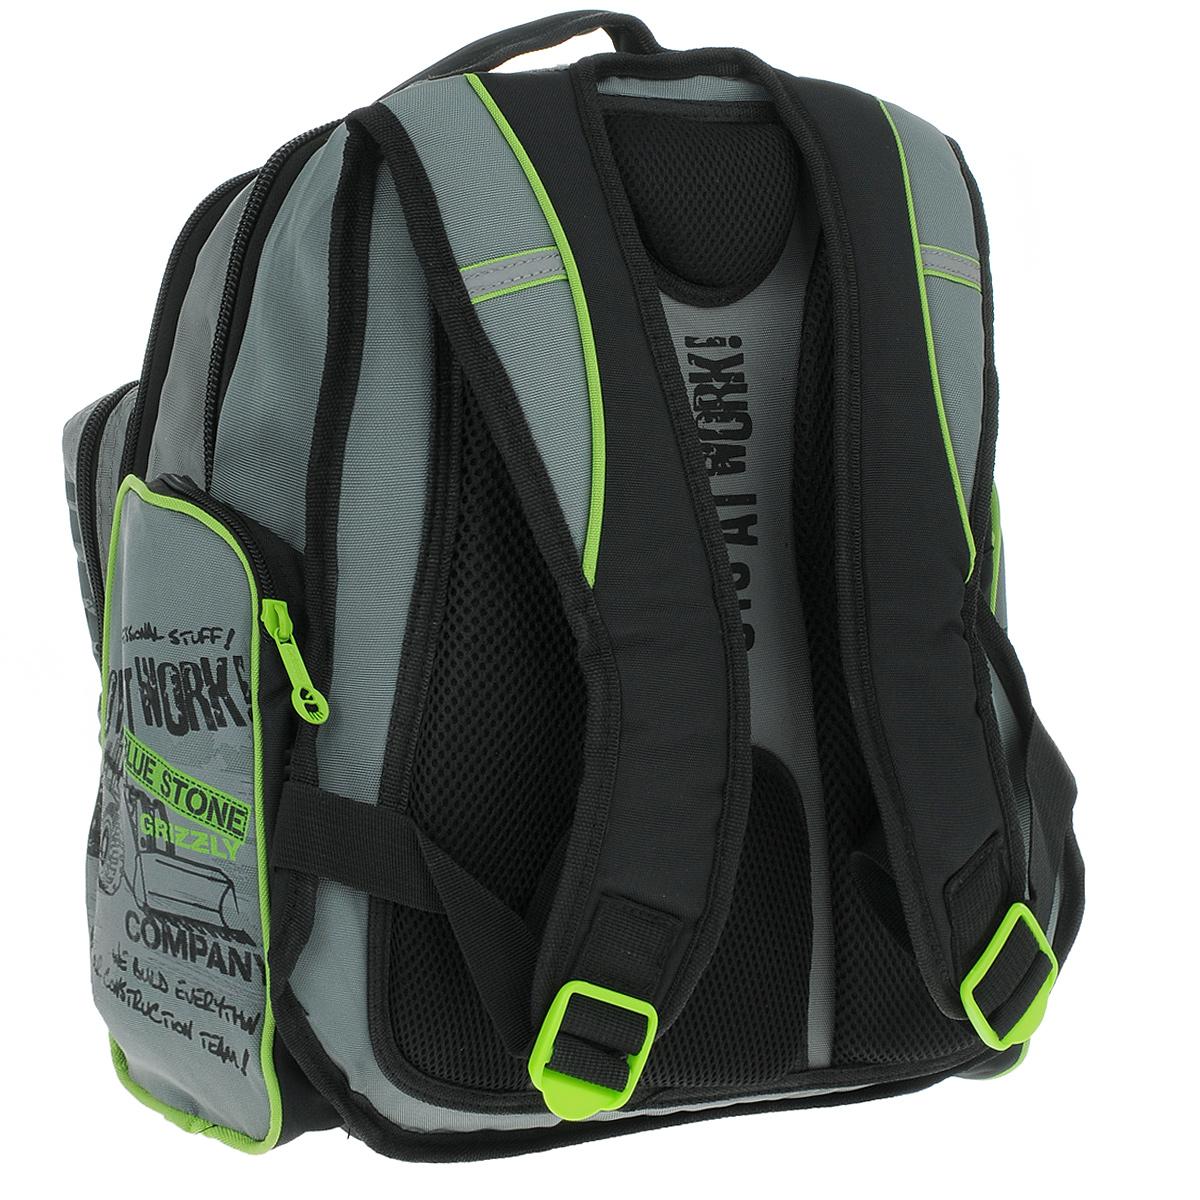 Рюкзак городской Grizzly, цвет: черный, серый. RU-433-2 ( RU-433-2 Рюкзак /4 черный - св.серый )